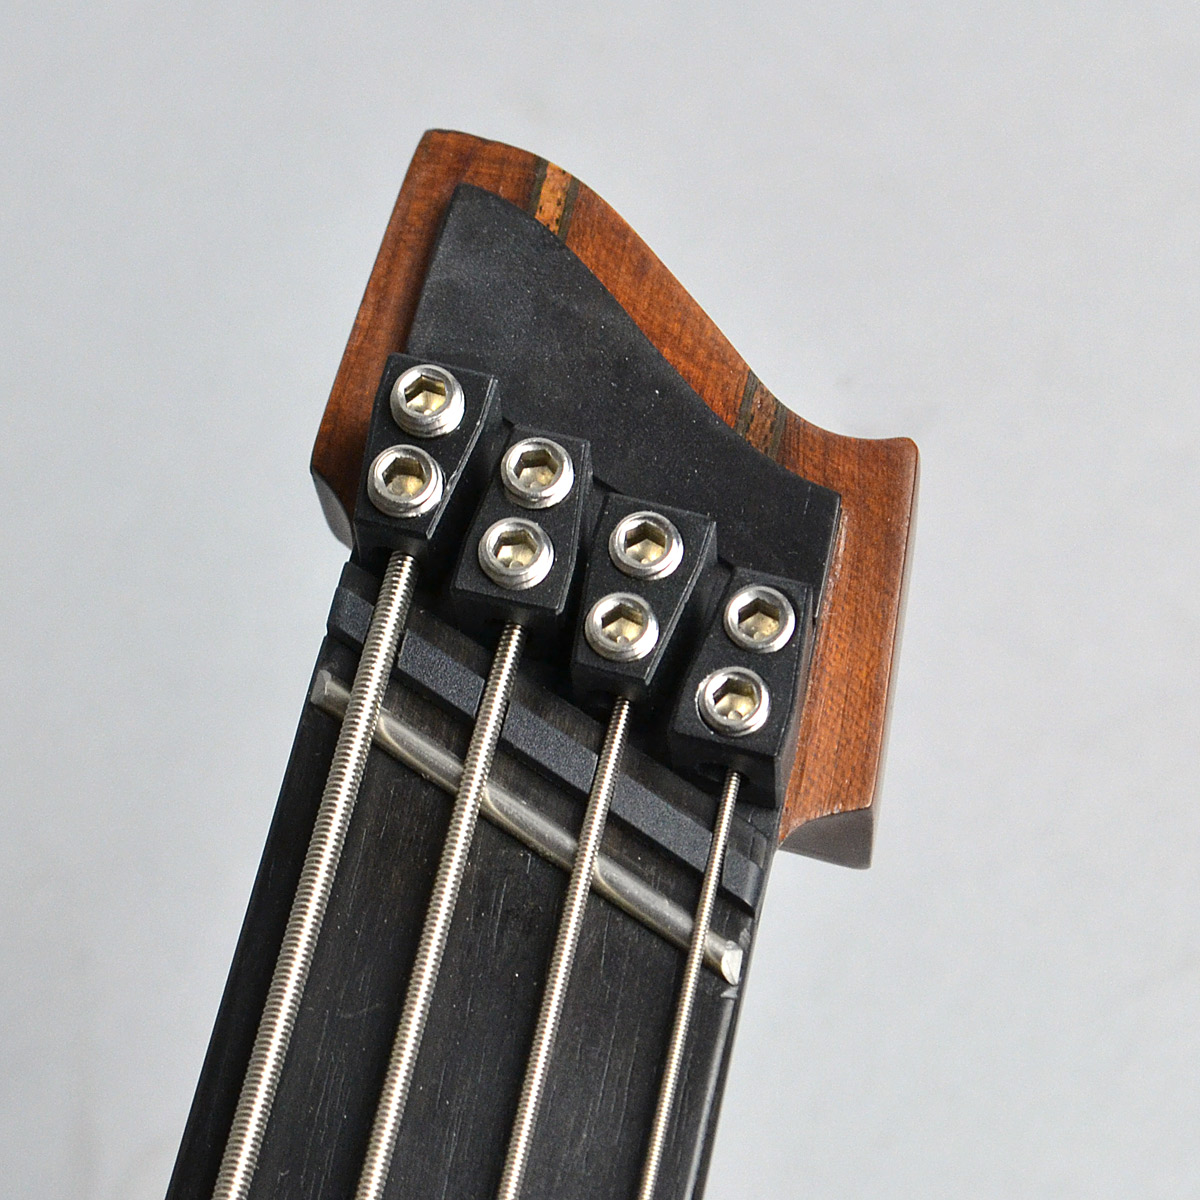 Boden Prog Bass 4stのヘッド画像